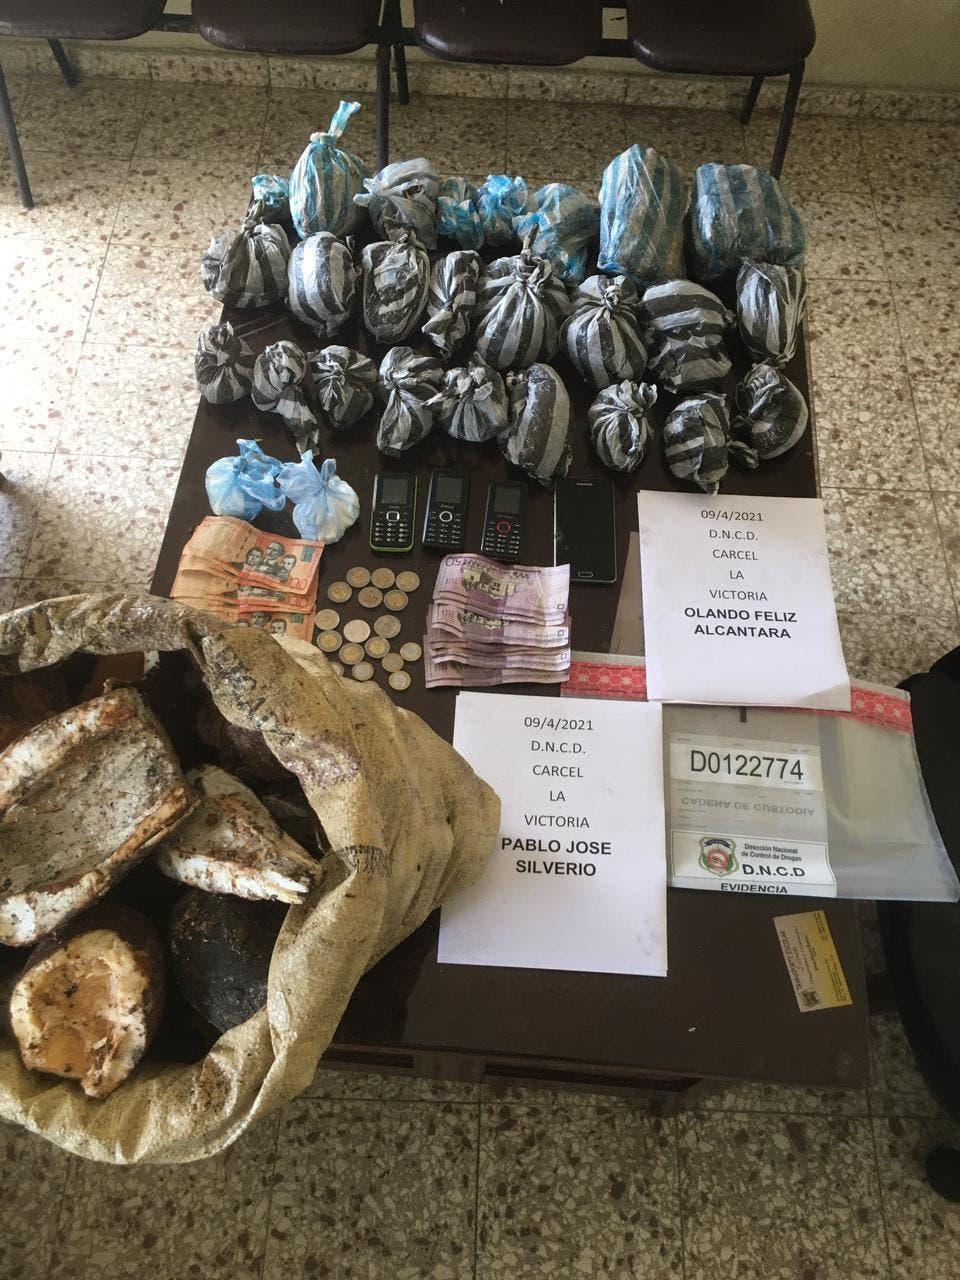 Capturadas dos personas al tratar de introducir productos agrícolas rellenos de drogas a la cárcel de La Victoria